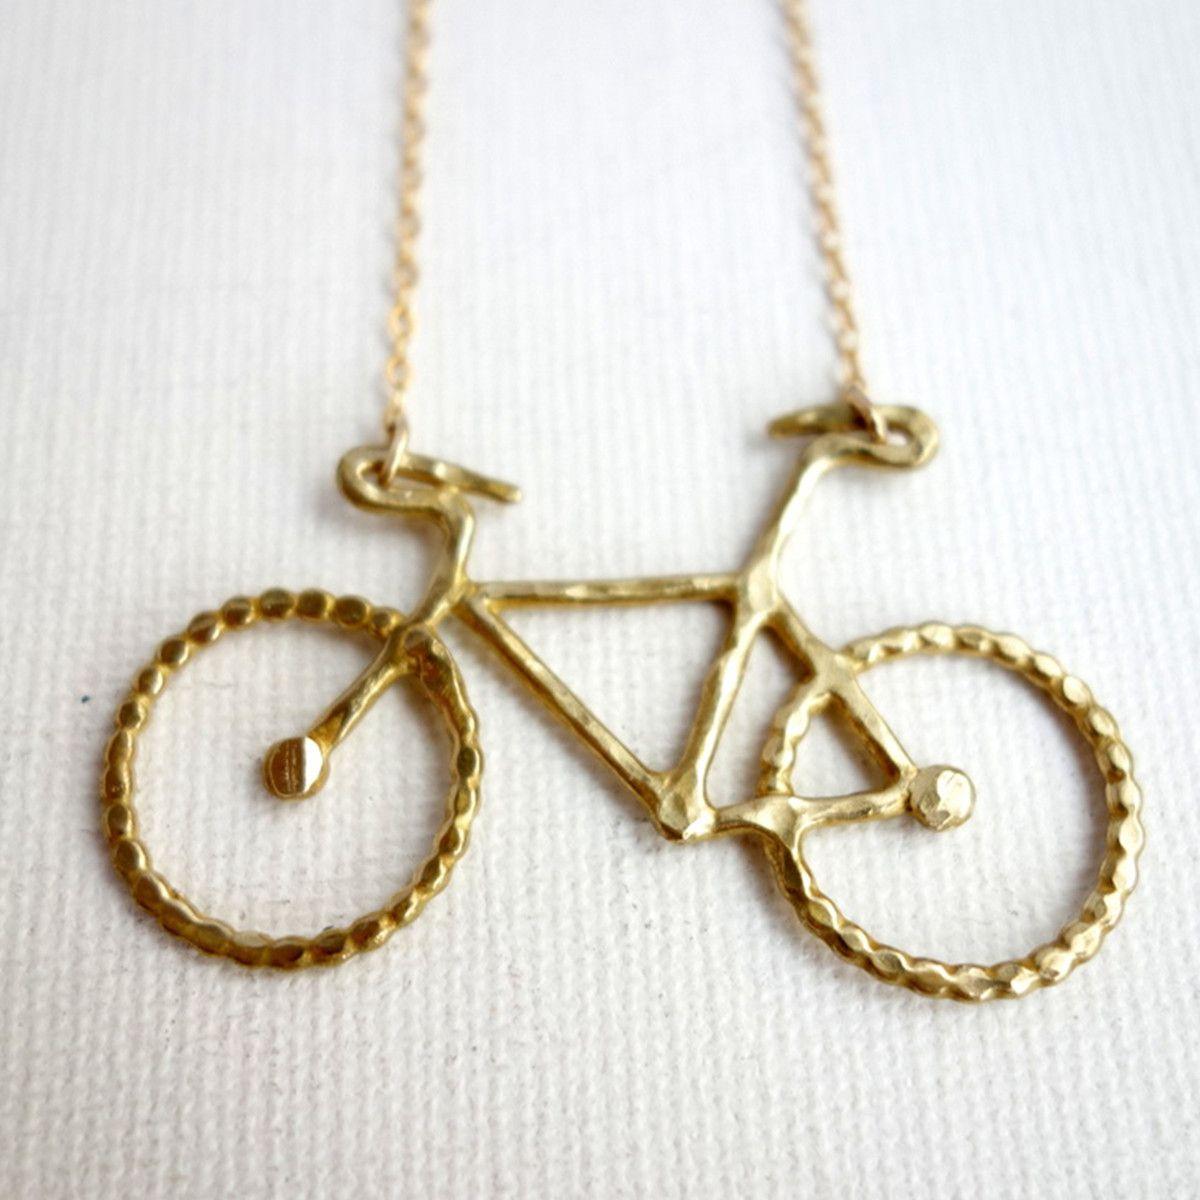 Le Petit Bike Necklace